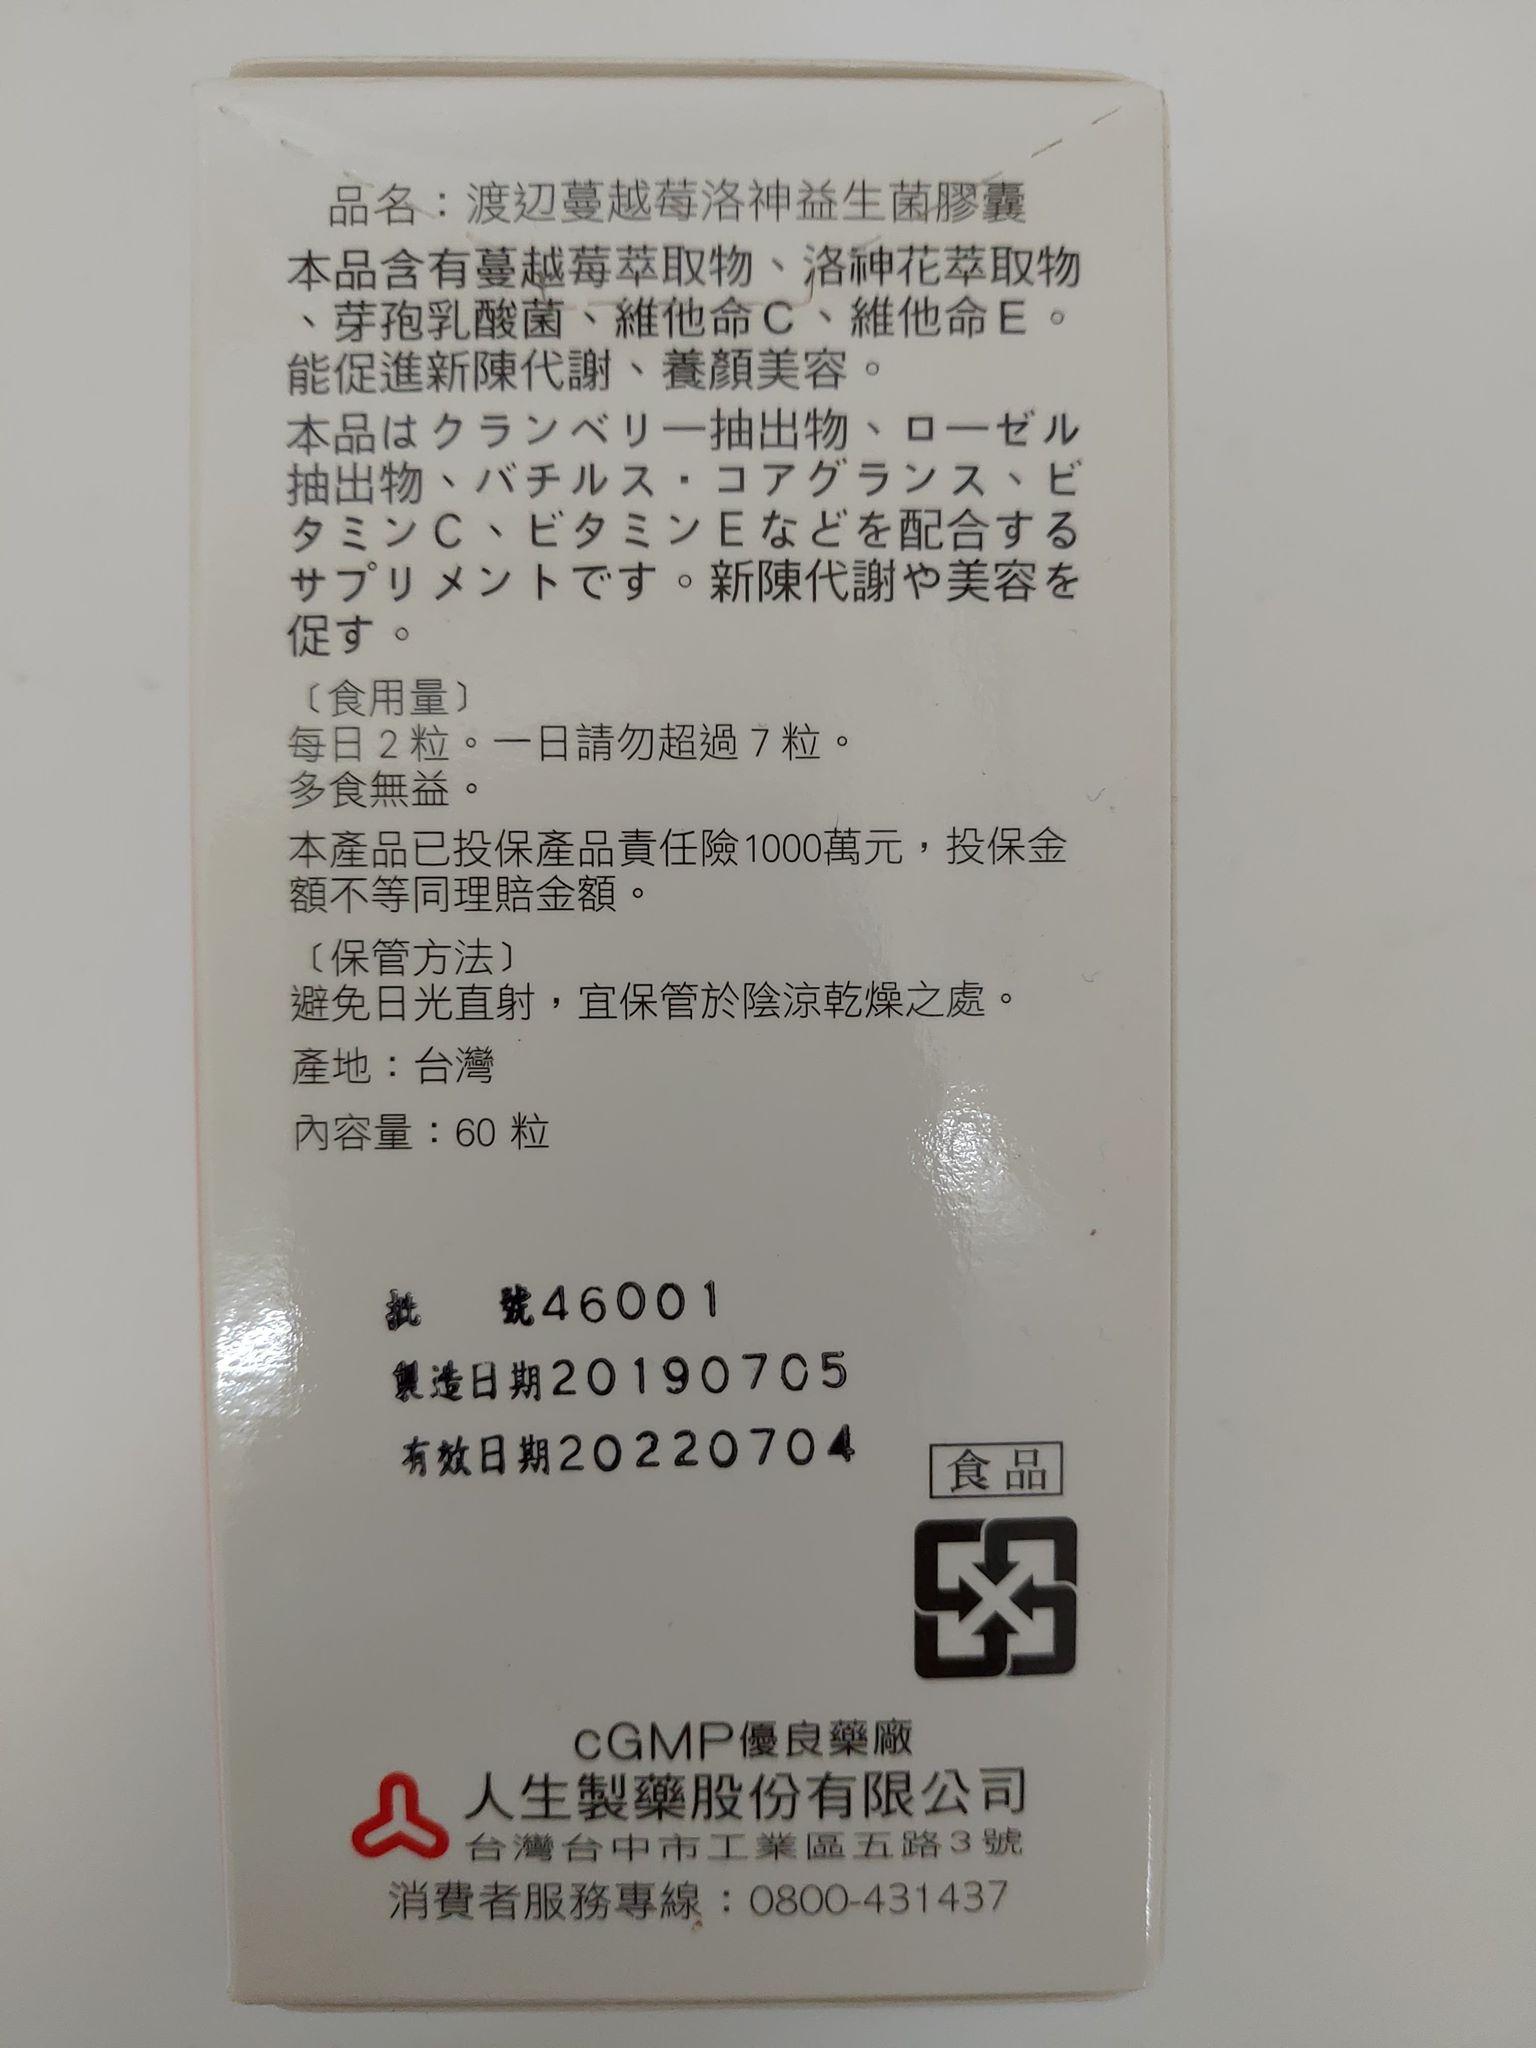 【憨吉小舖】渡邊蔓越莓洛神益生菌膠囊 60粒/罐